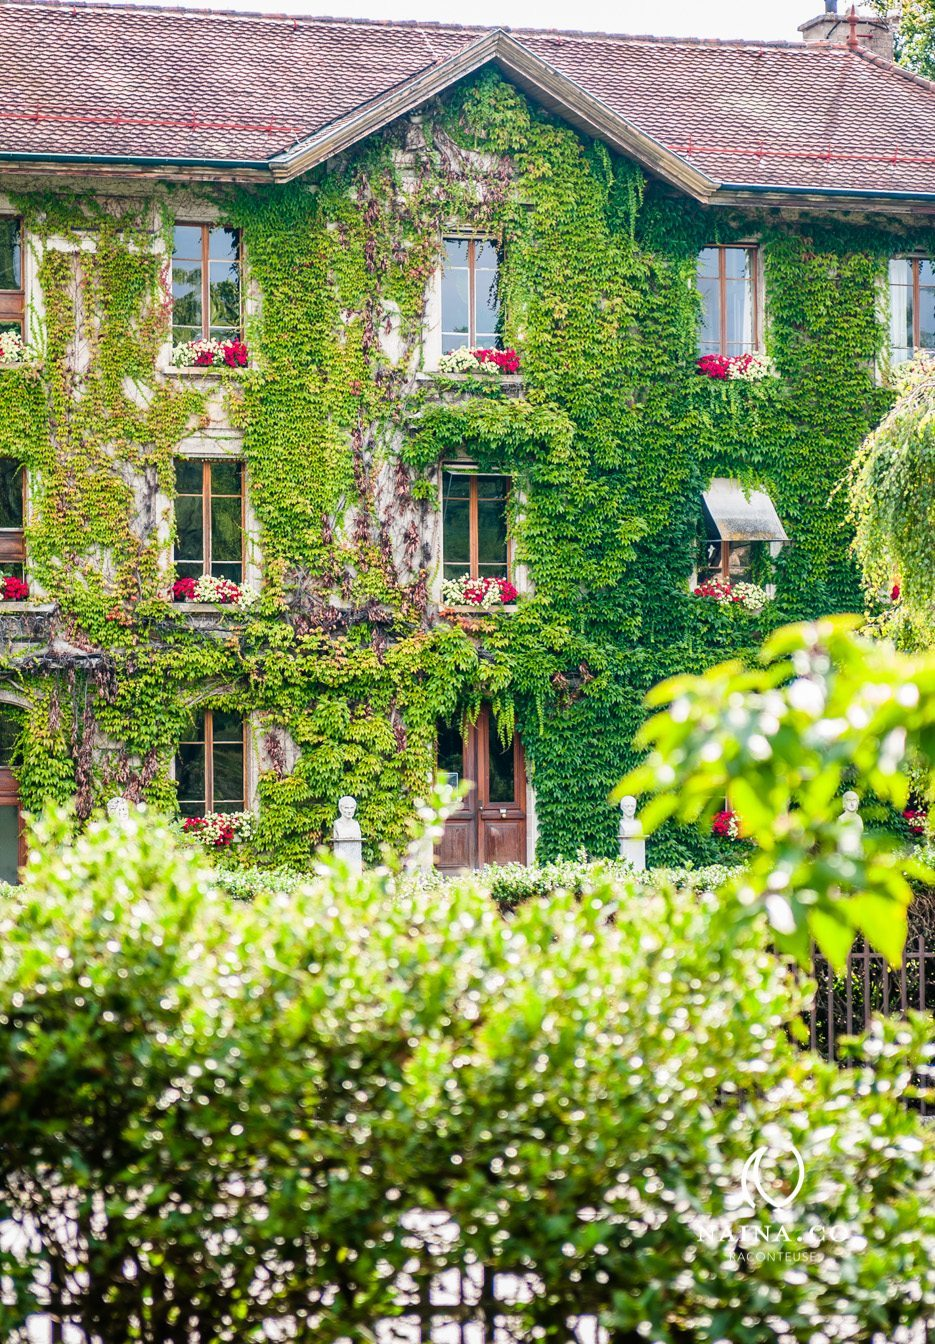 Naina.co-EyesForSwitzerland-Geneva-Europe-Travel-Raconteuse-Storyteller-Photographer